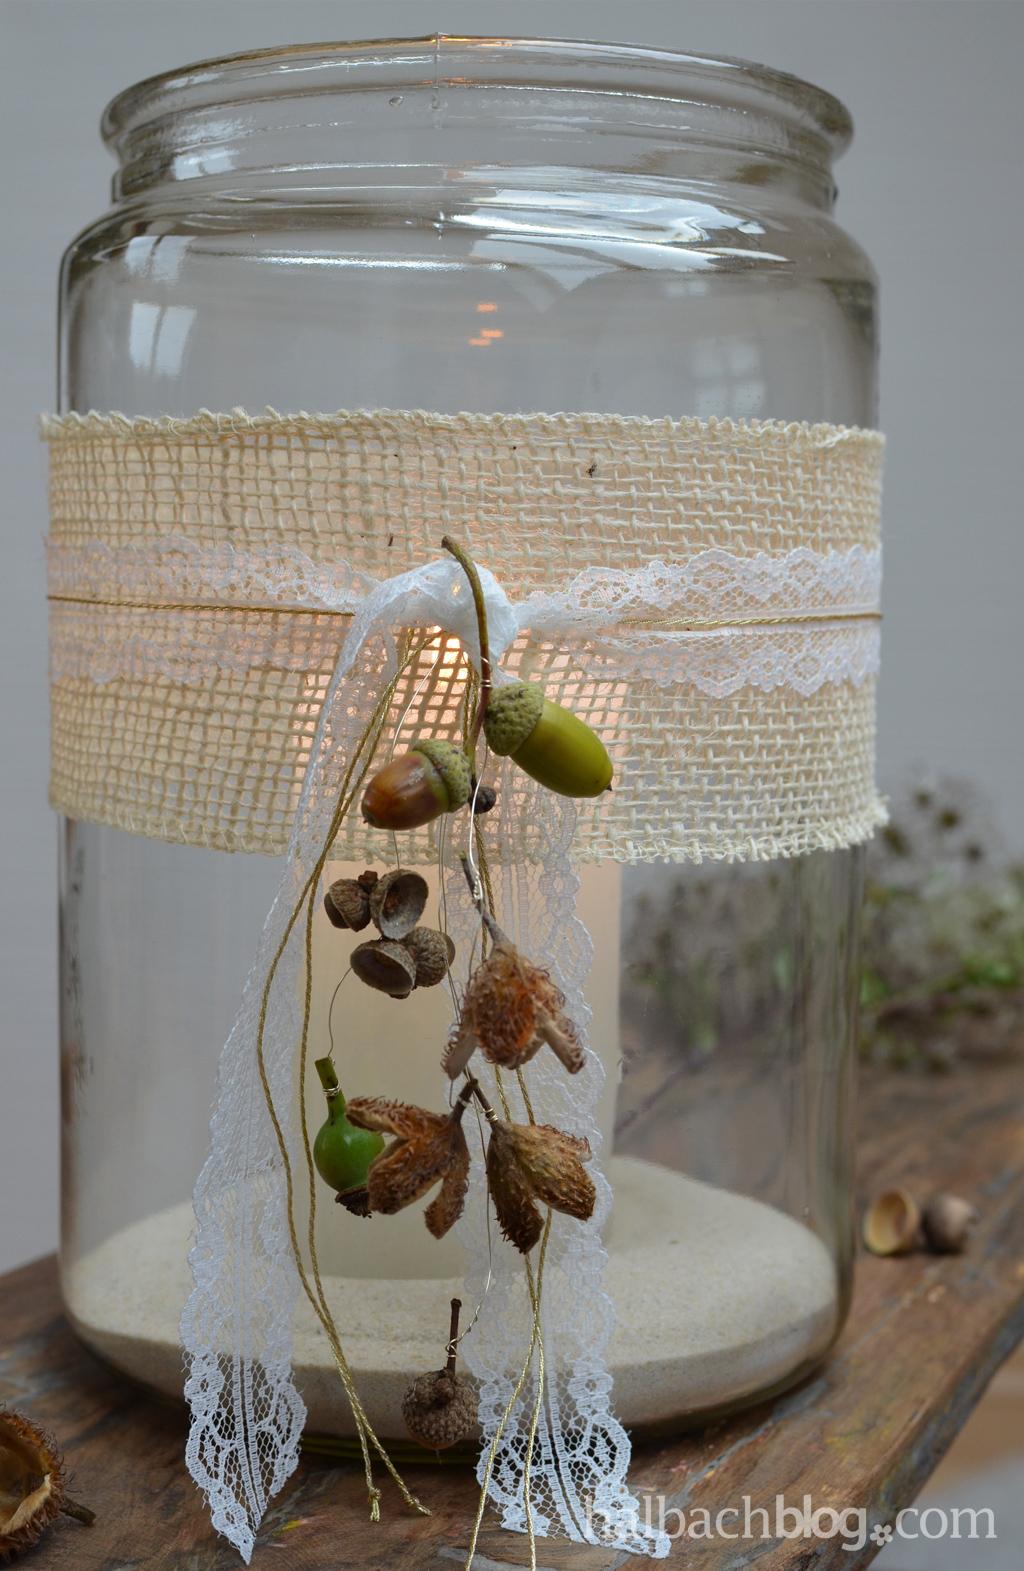 Herbstdeko-Idee halbachblog: Windlicht mit Jutenband, feiner Spitze, Goldkordel, Eicheln und Bucheckern